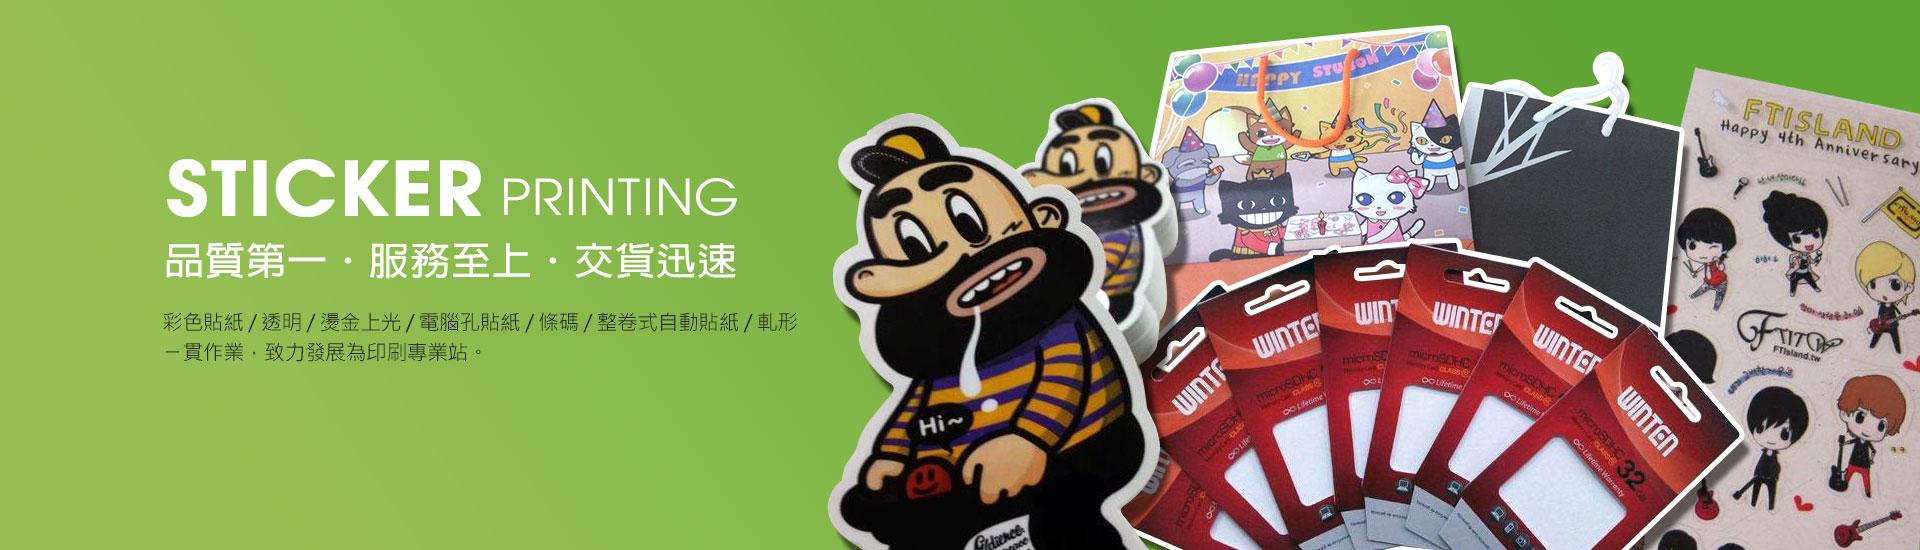 大獅印刷事業有限公司 Ta Shih Printing